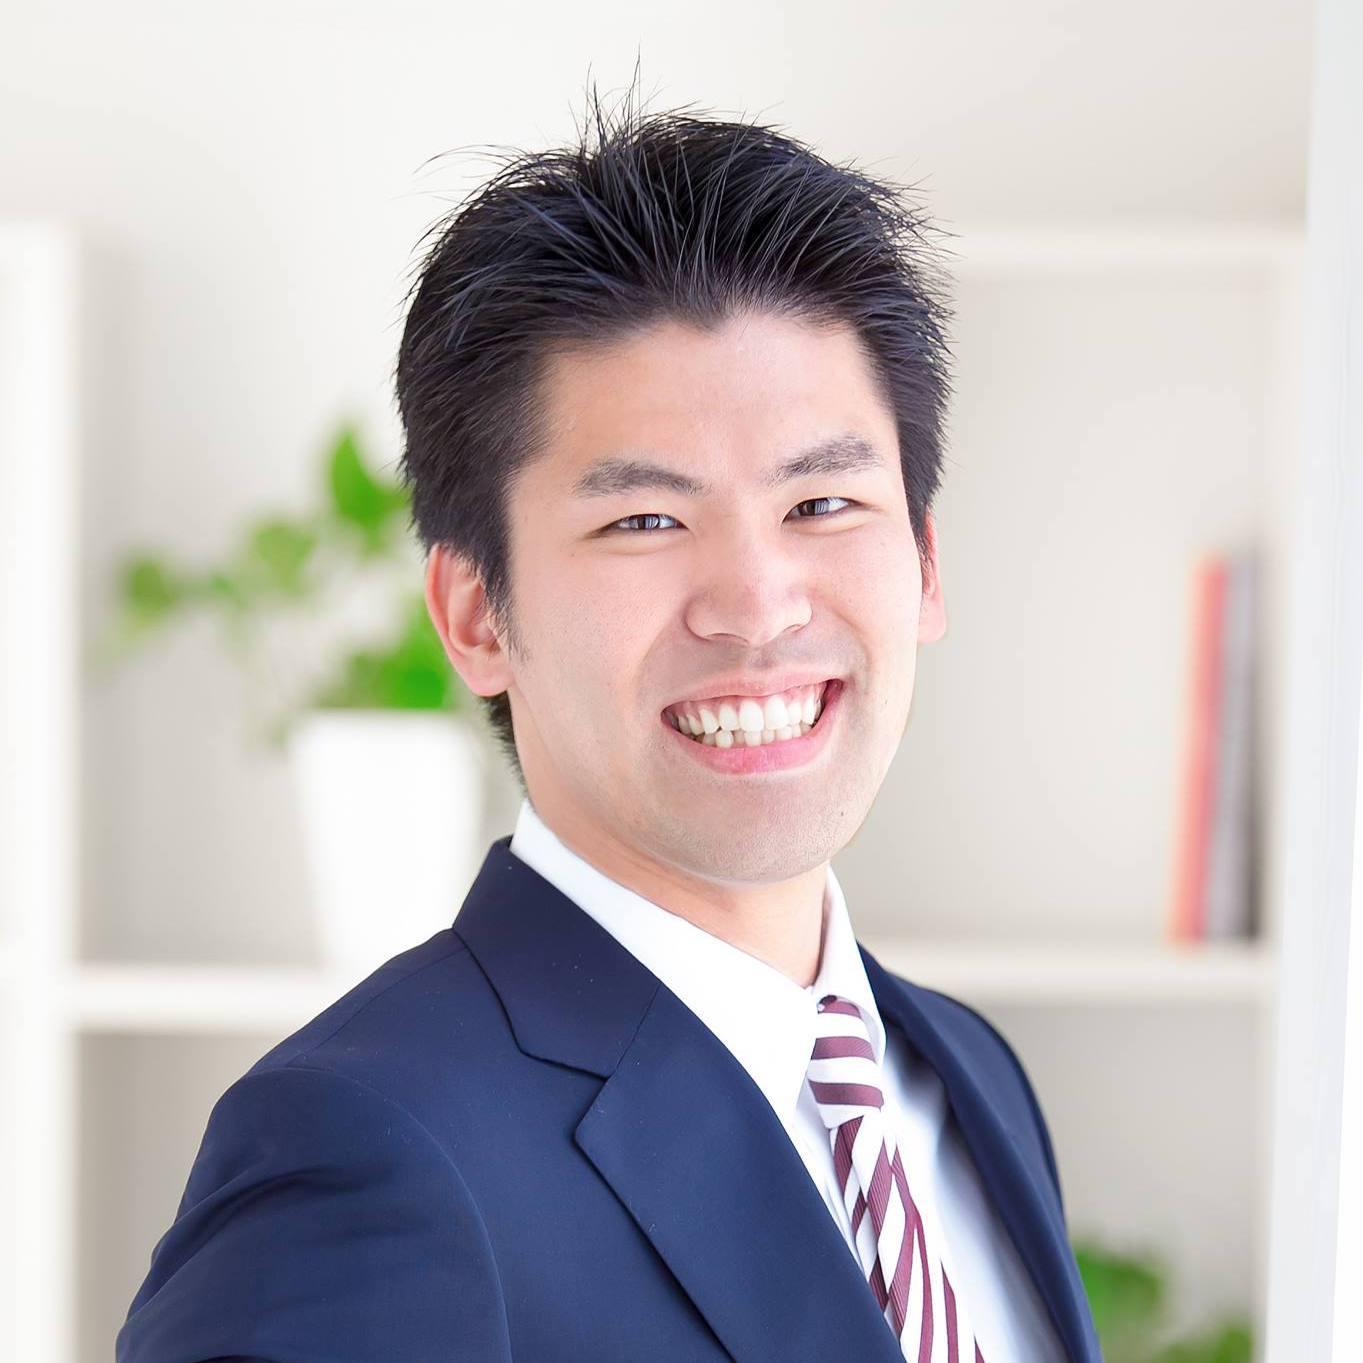 檜田和毅(Kazuki Hida)